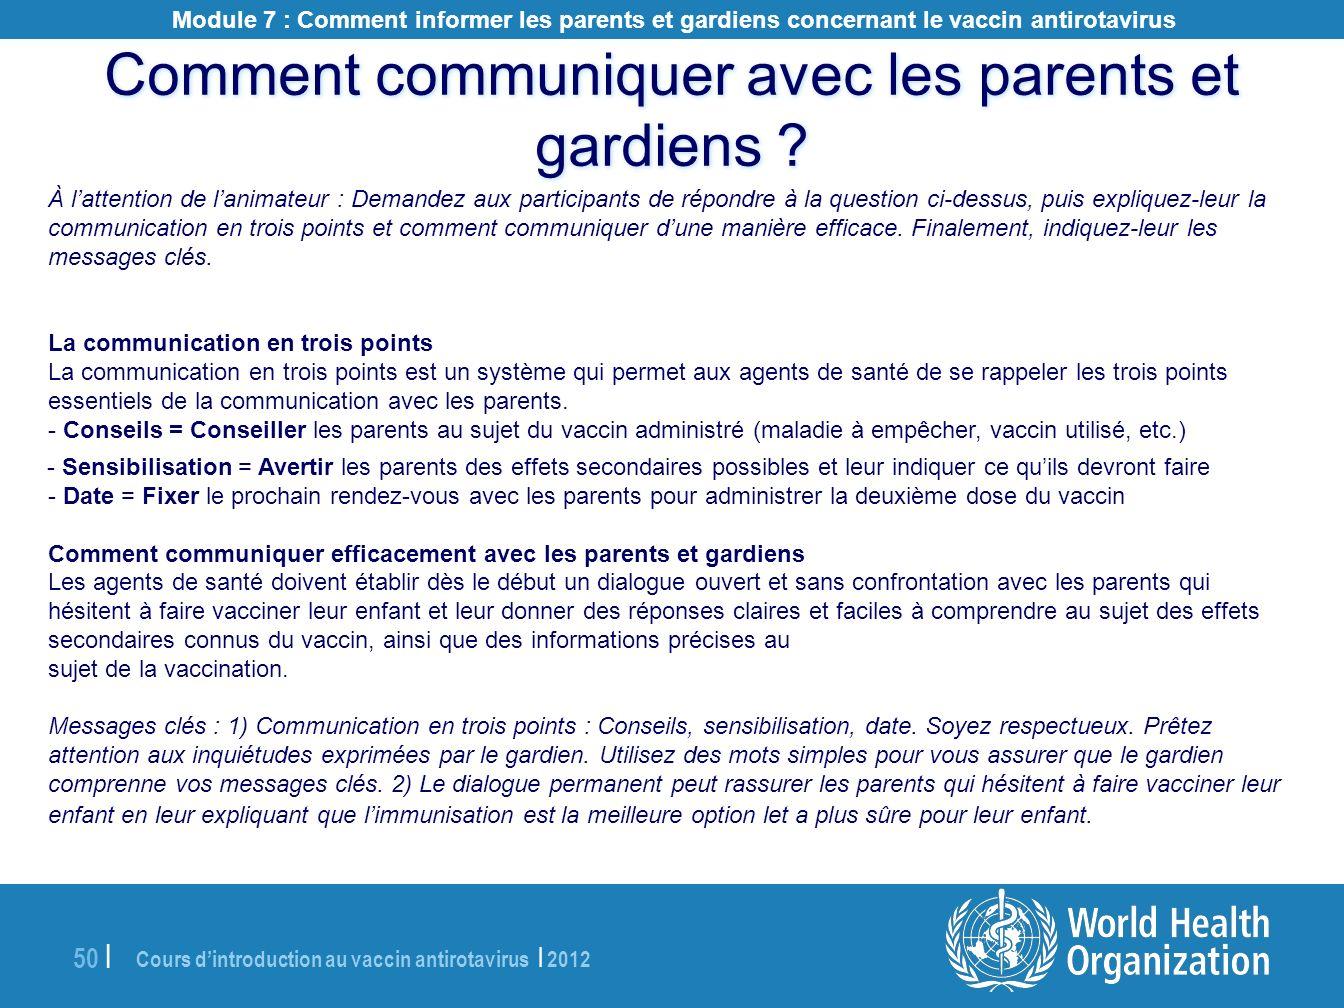 Comment communiquer avec les parents et gardiens